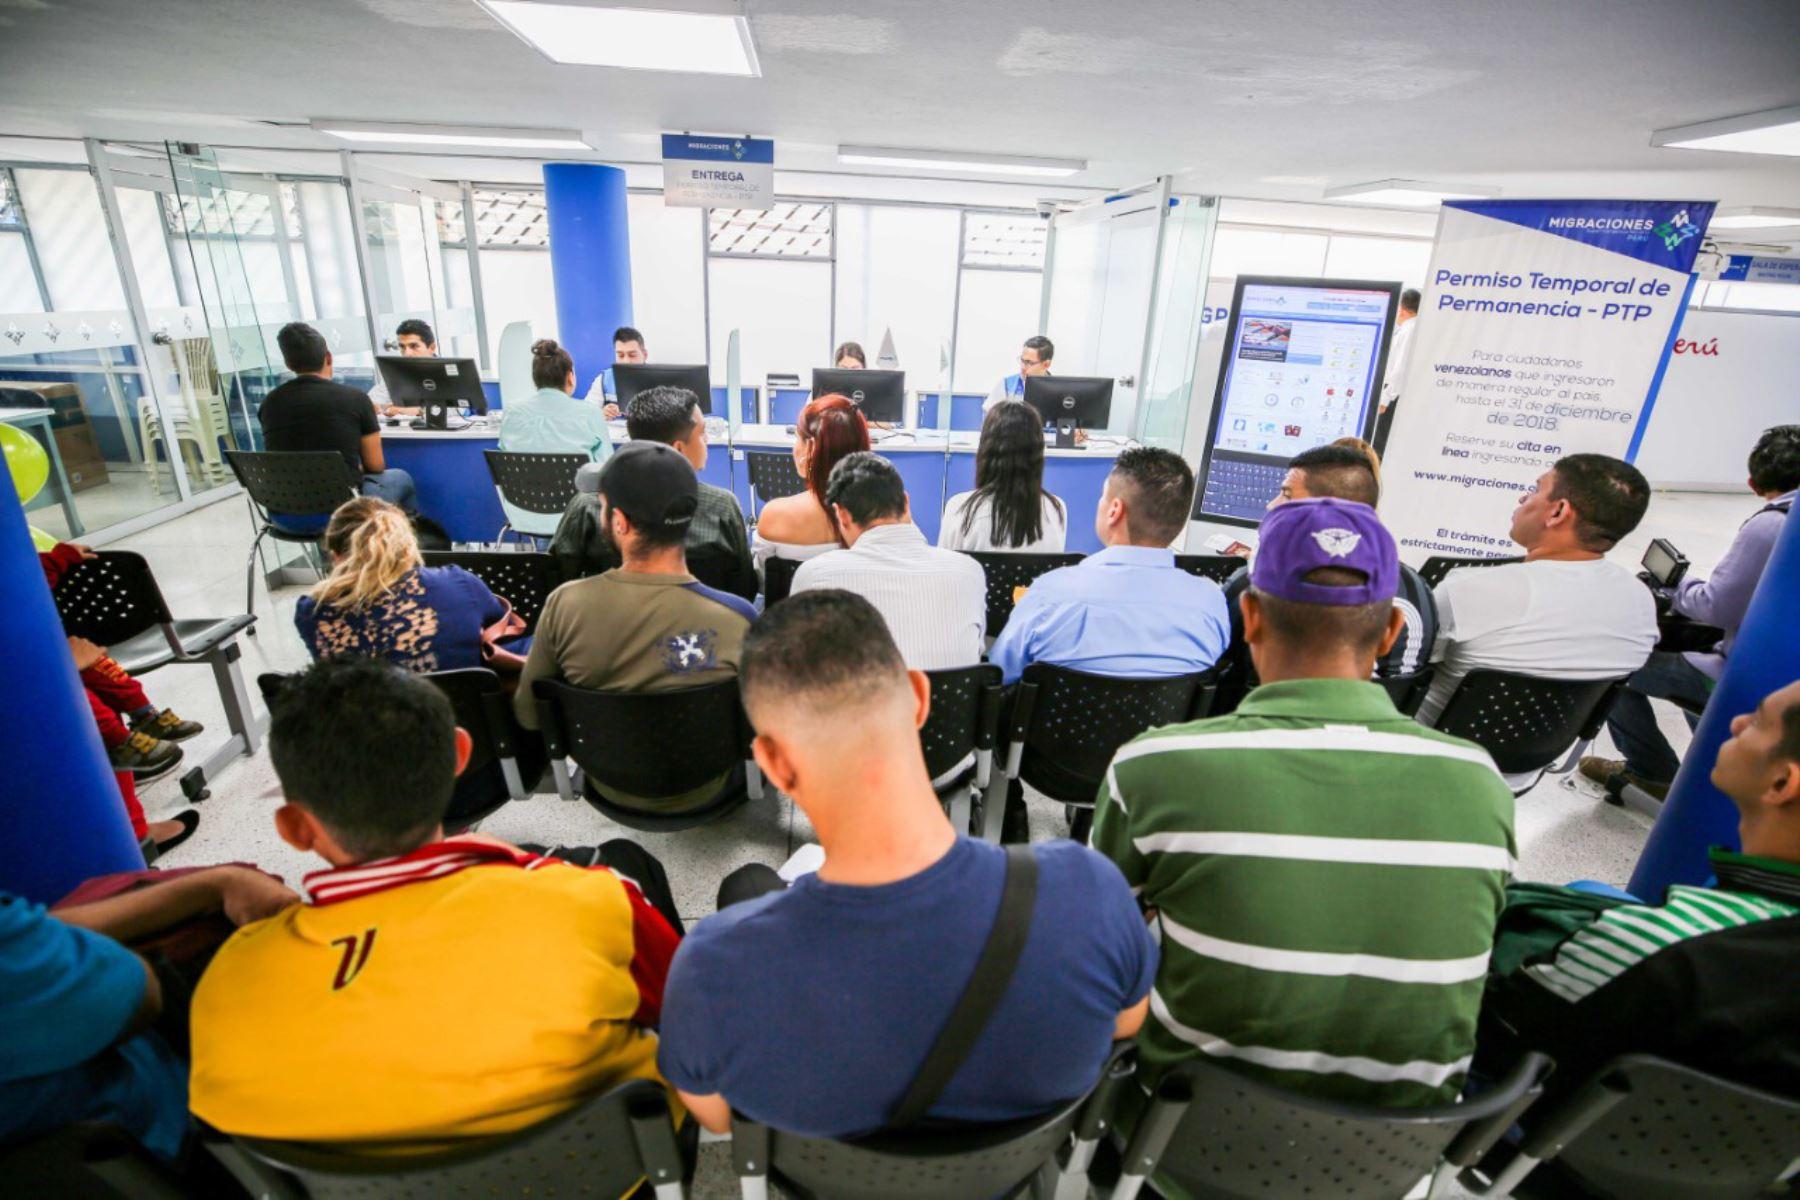 Carné de PTP solo se recabará en dicha oficina de San Martín de Porres. Foto: Migraciones